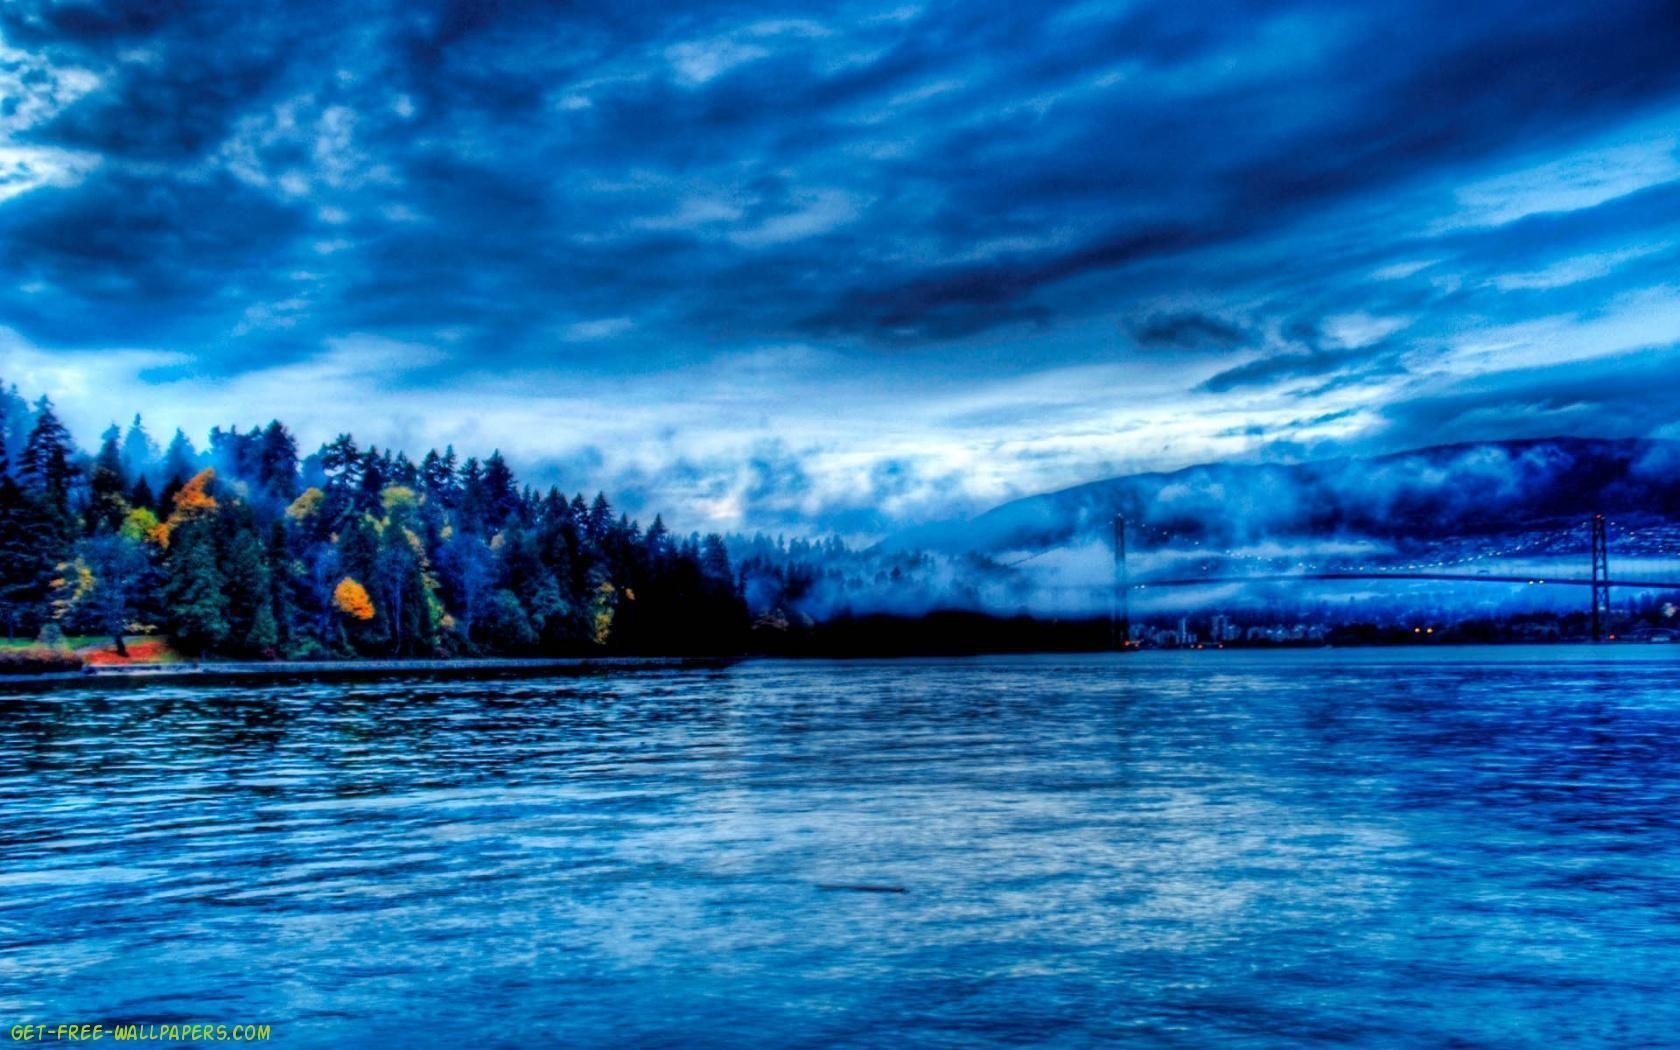 Blue Nature Wallpaper Hd Mywallpapers Site Pemandangan National Geographic Gambar